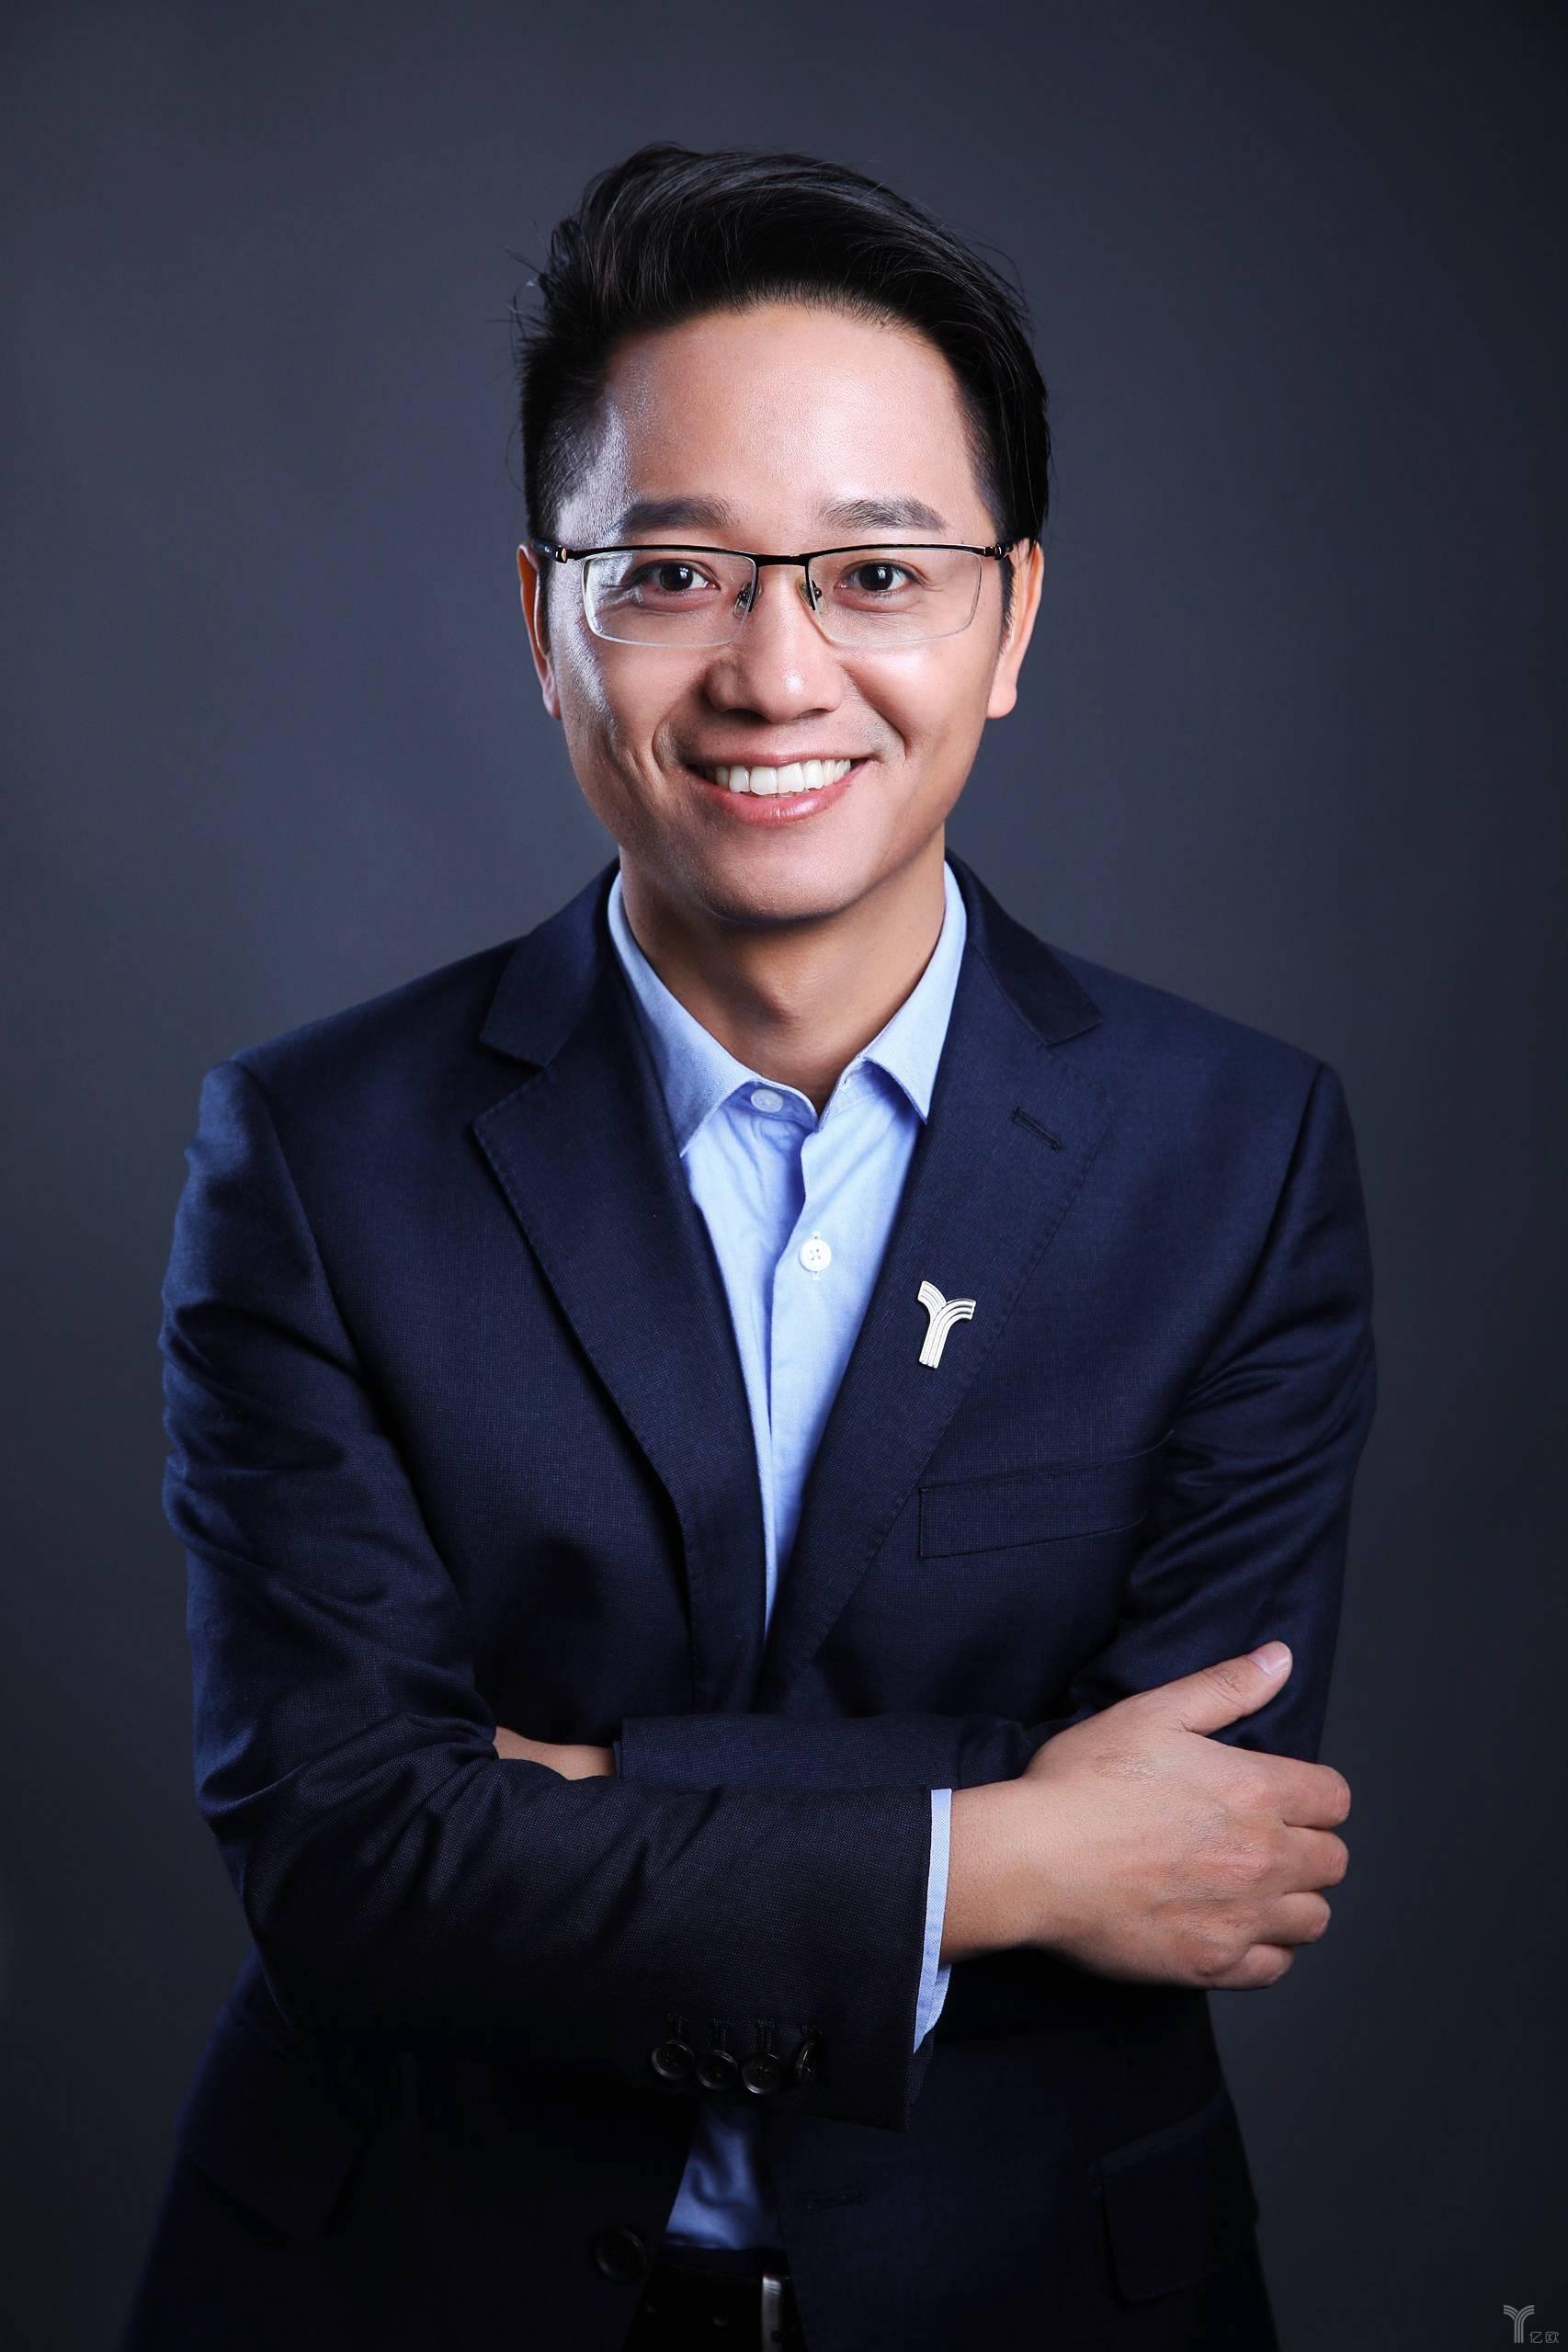 亿欧公司创始人、EqualOcean(亿欧国际)创始人黄渊普.jpg